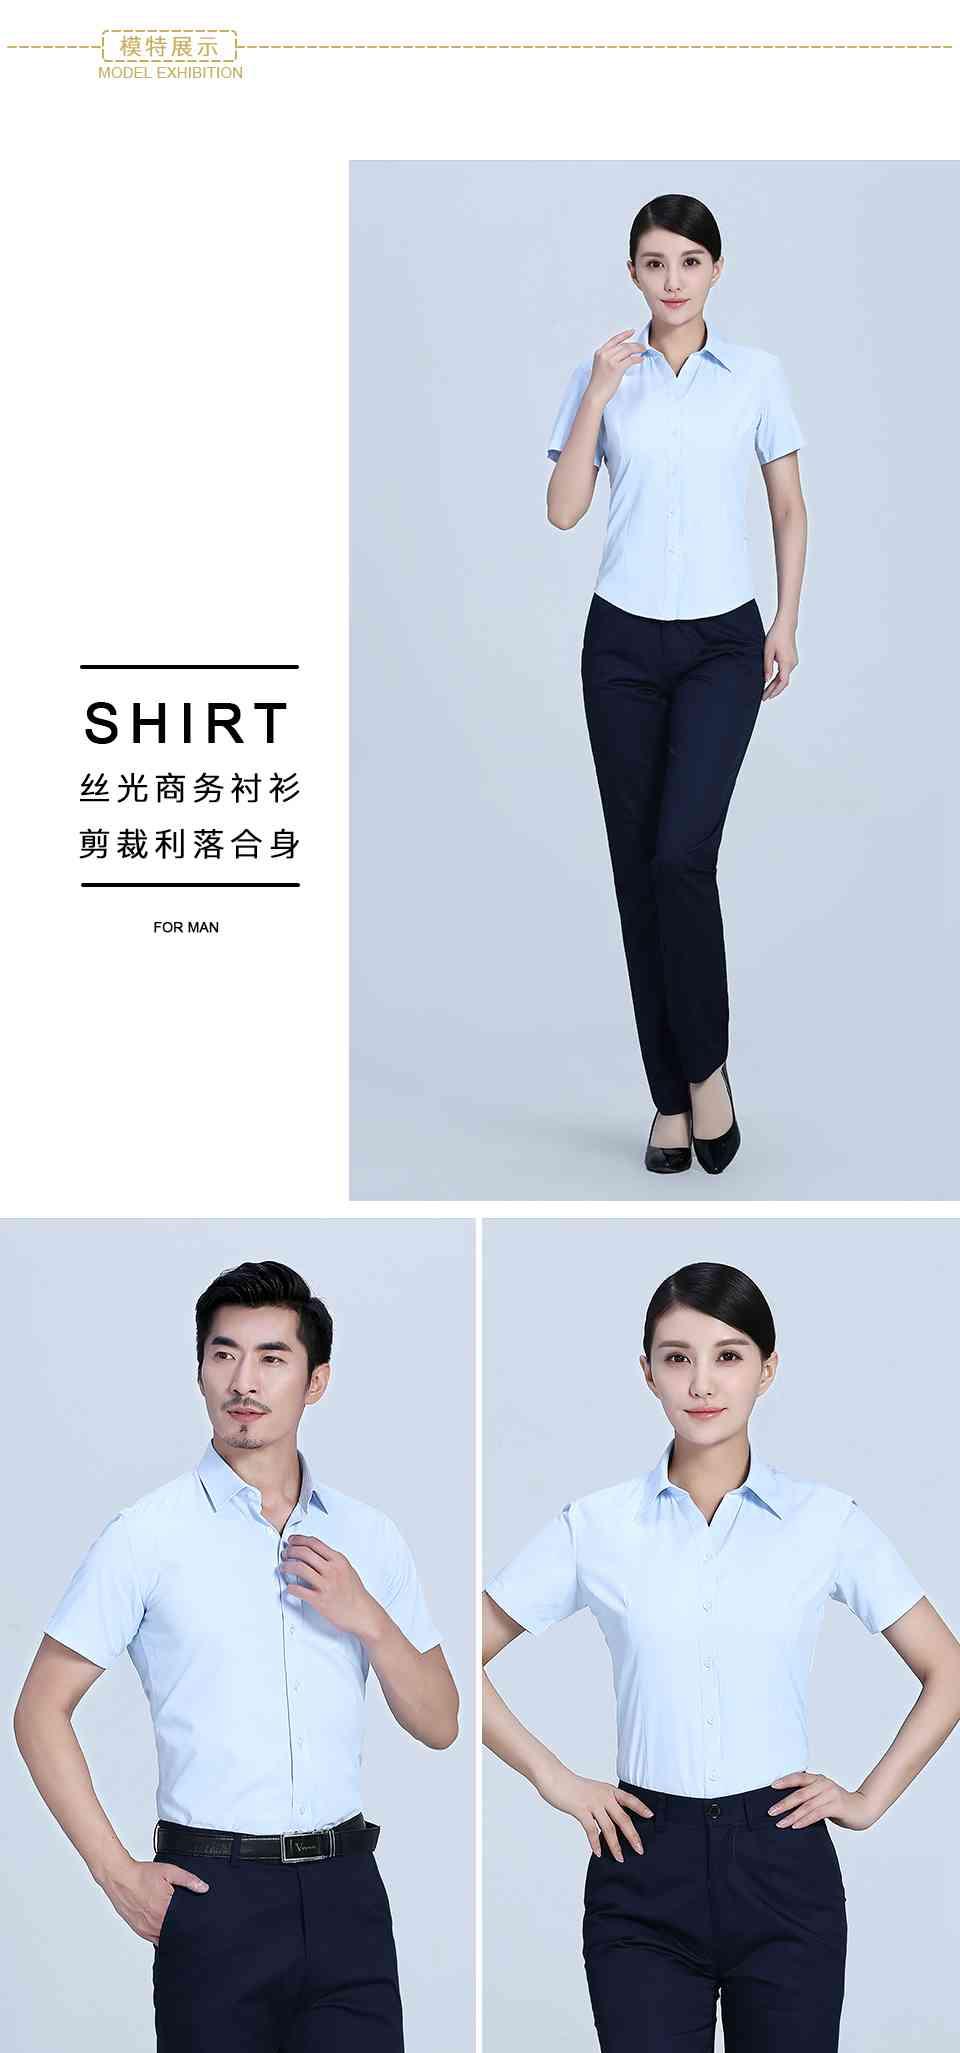 2019新款衬衫浅蓝男浅蓝商务短袖衬衫